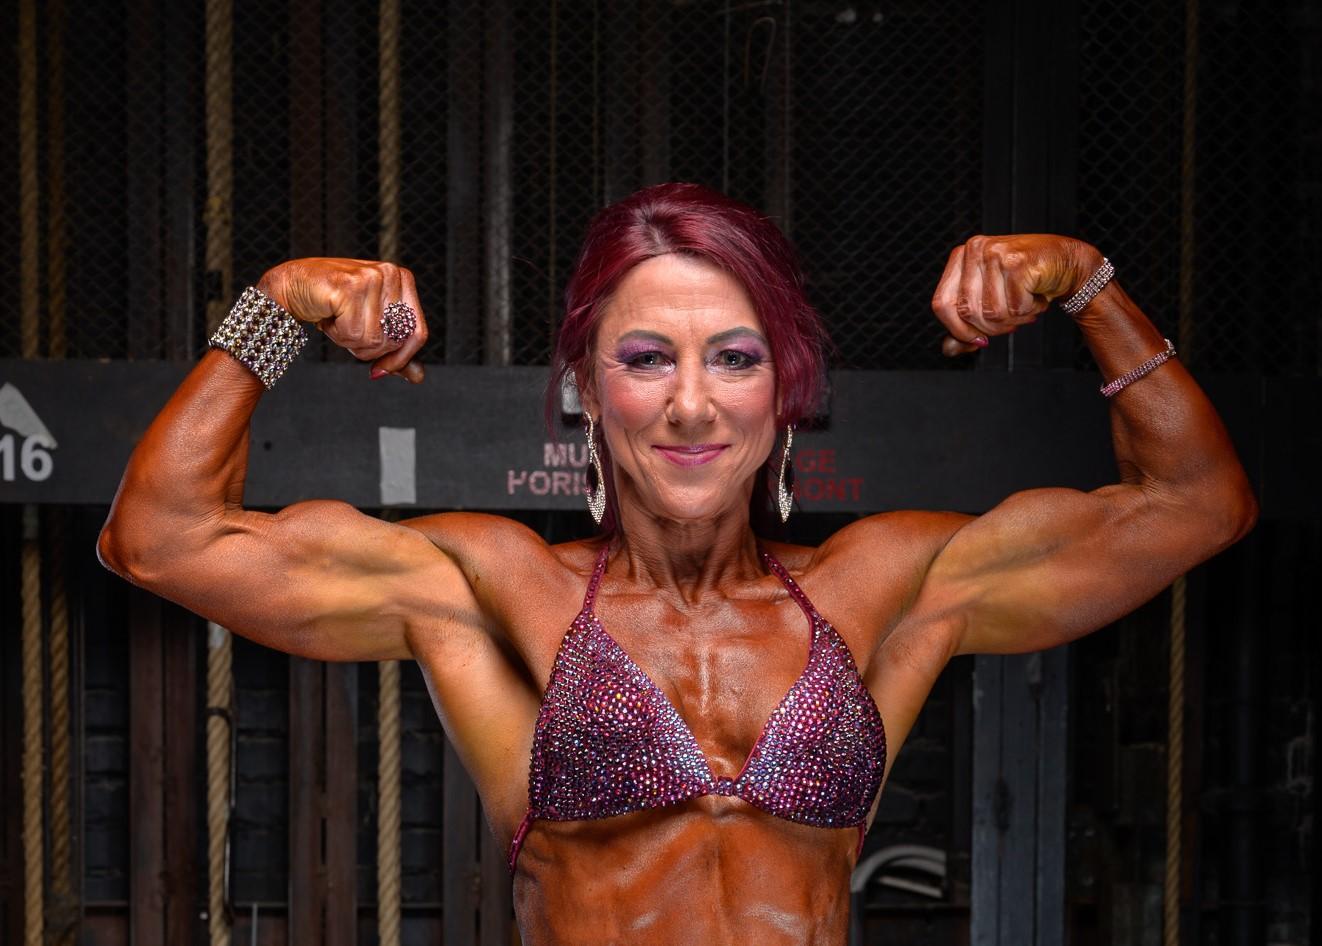 TÄNA TARTUS! VAATA REPORTERIT! Bodyfitnessi maailmameister Esta Pilt on ehe näide sellest, et vanus tuleb fitnessimaailmas kasuks